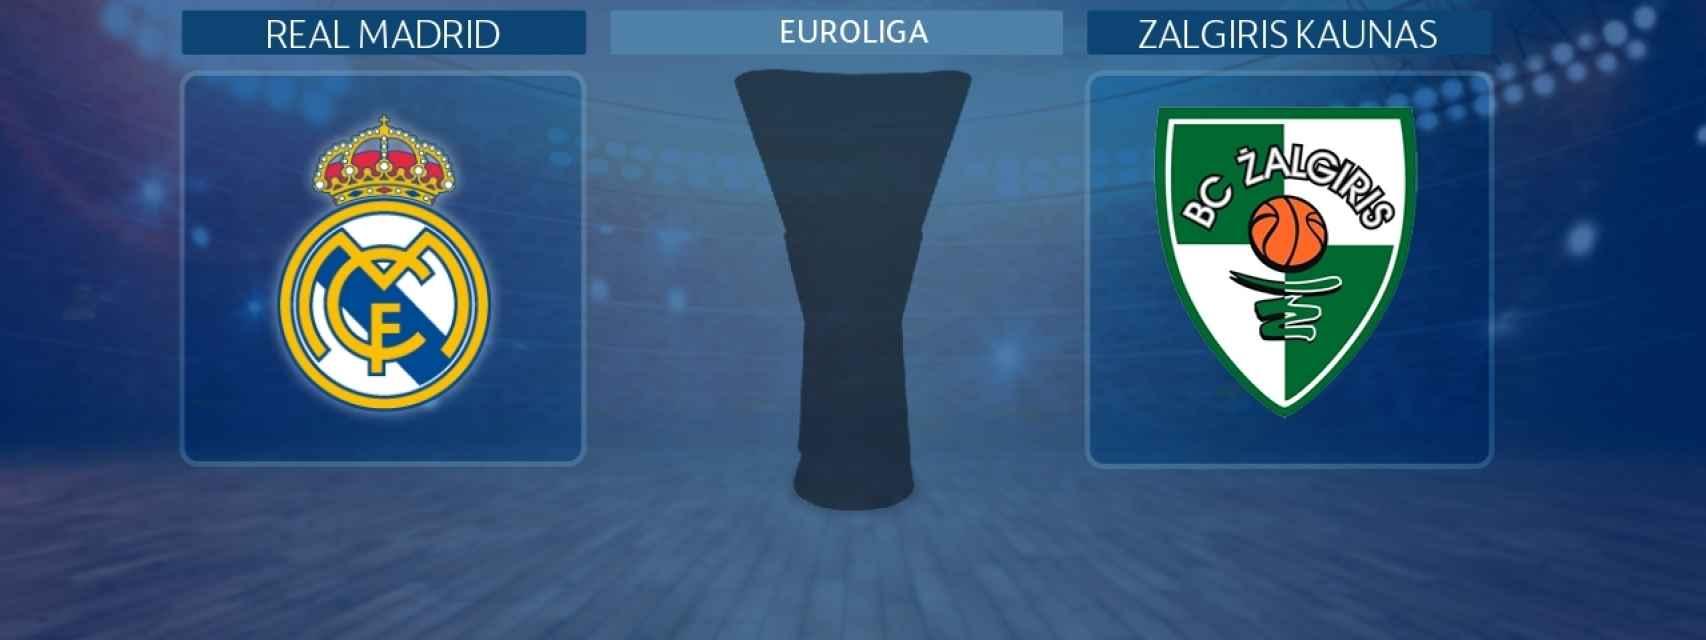 Real Madrid - Zalgiris Kaunas